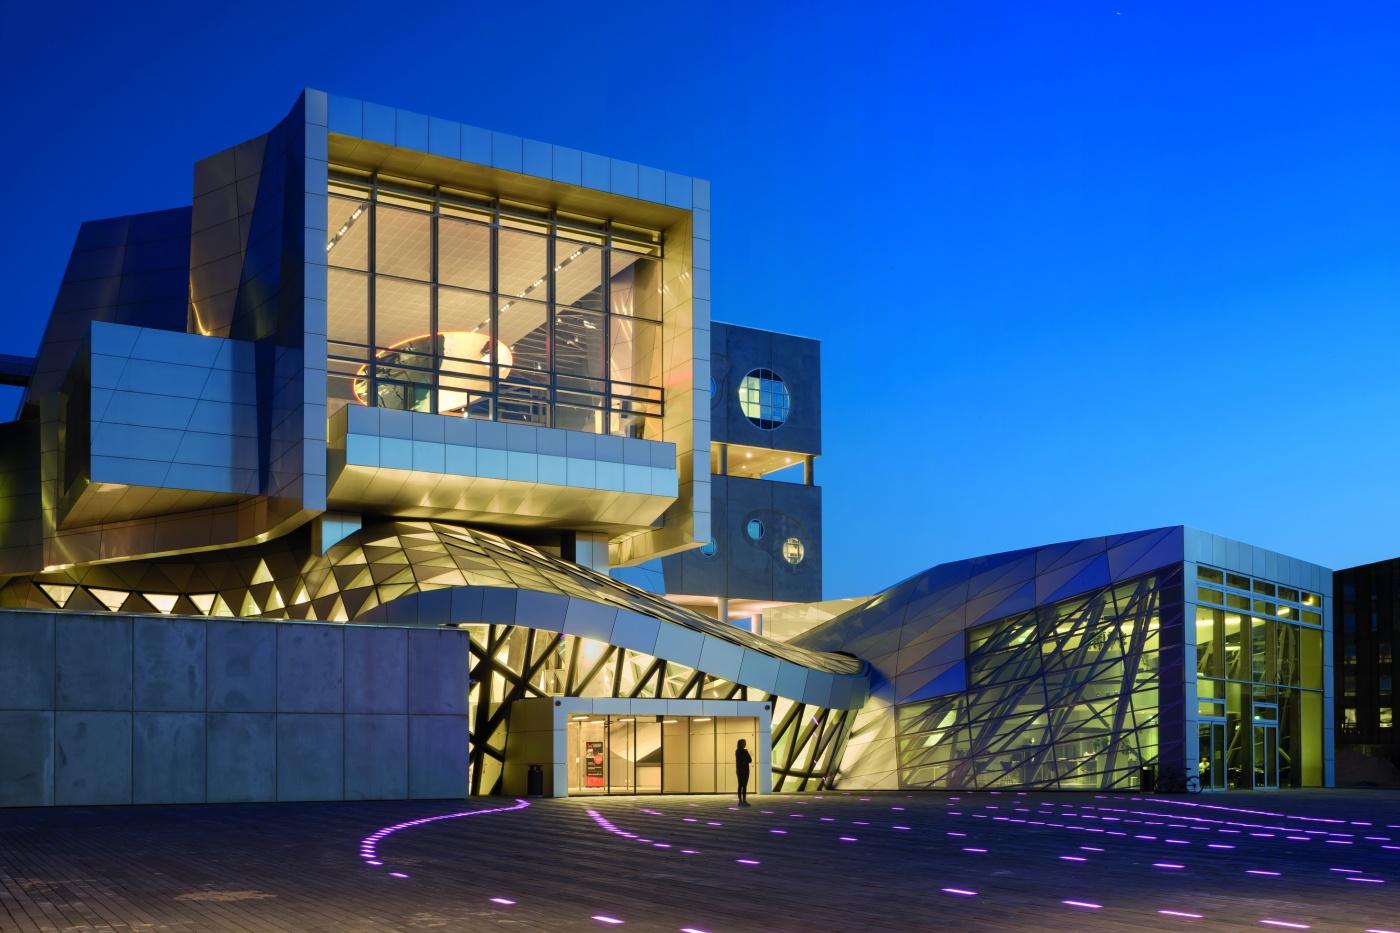 Architektur Und Design | Beton In Architektur Und Design Das Imperfekte Ist Wieder Angesagt